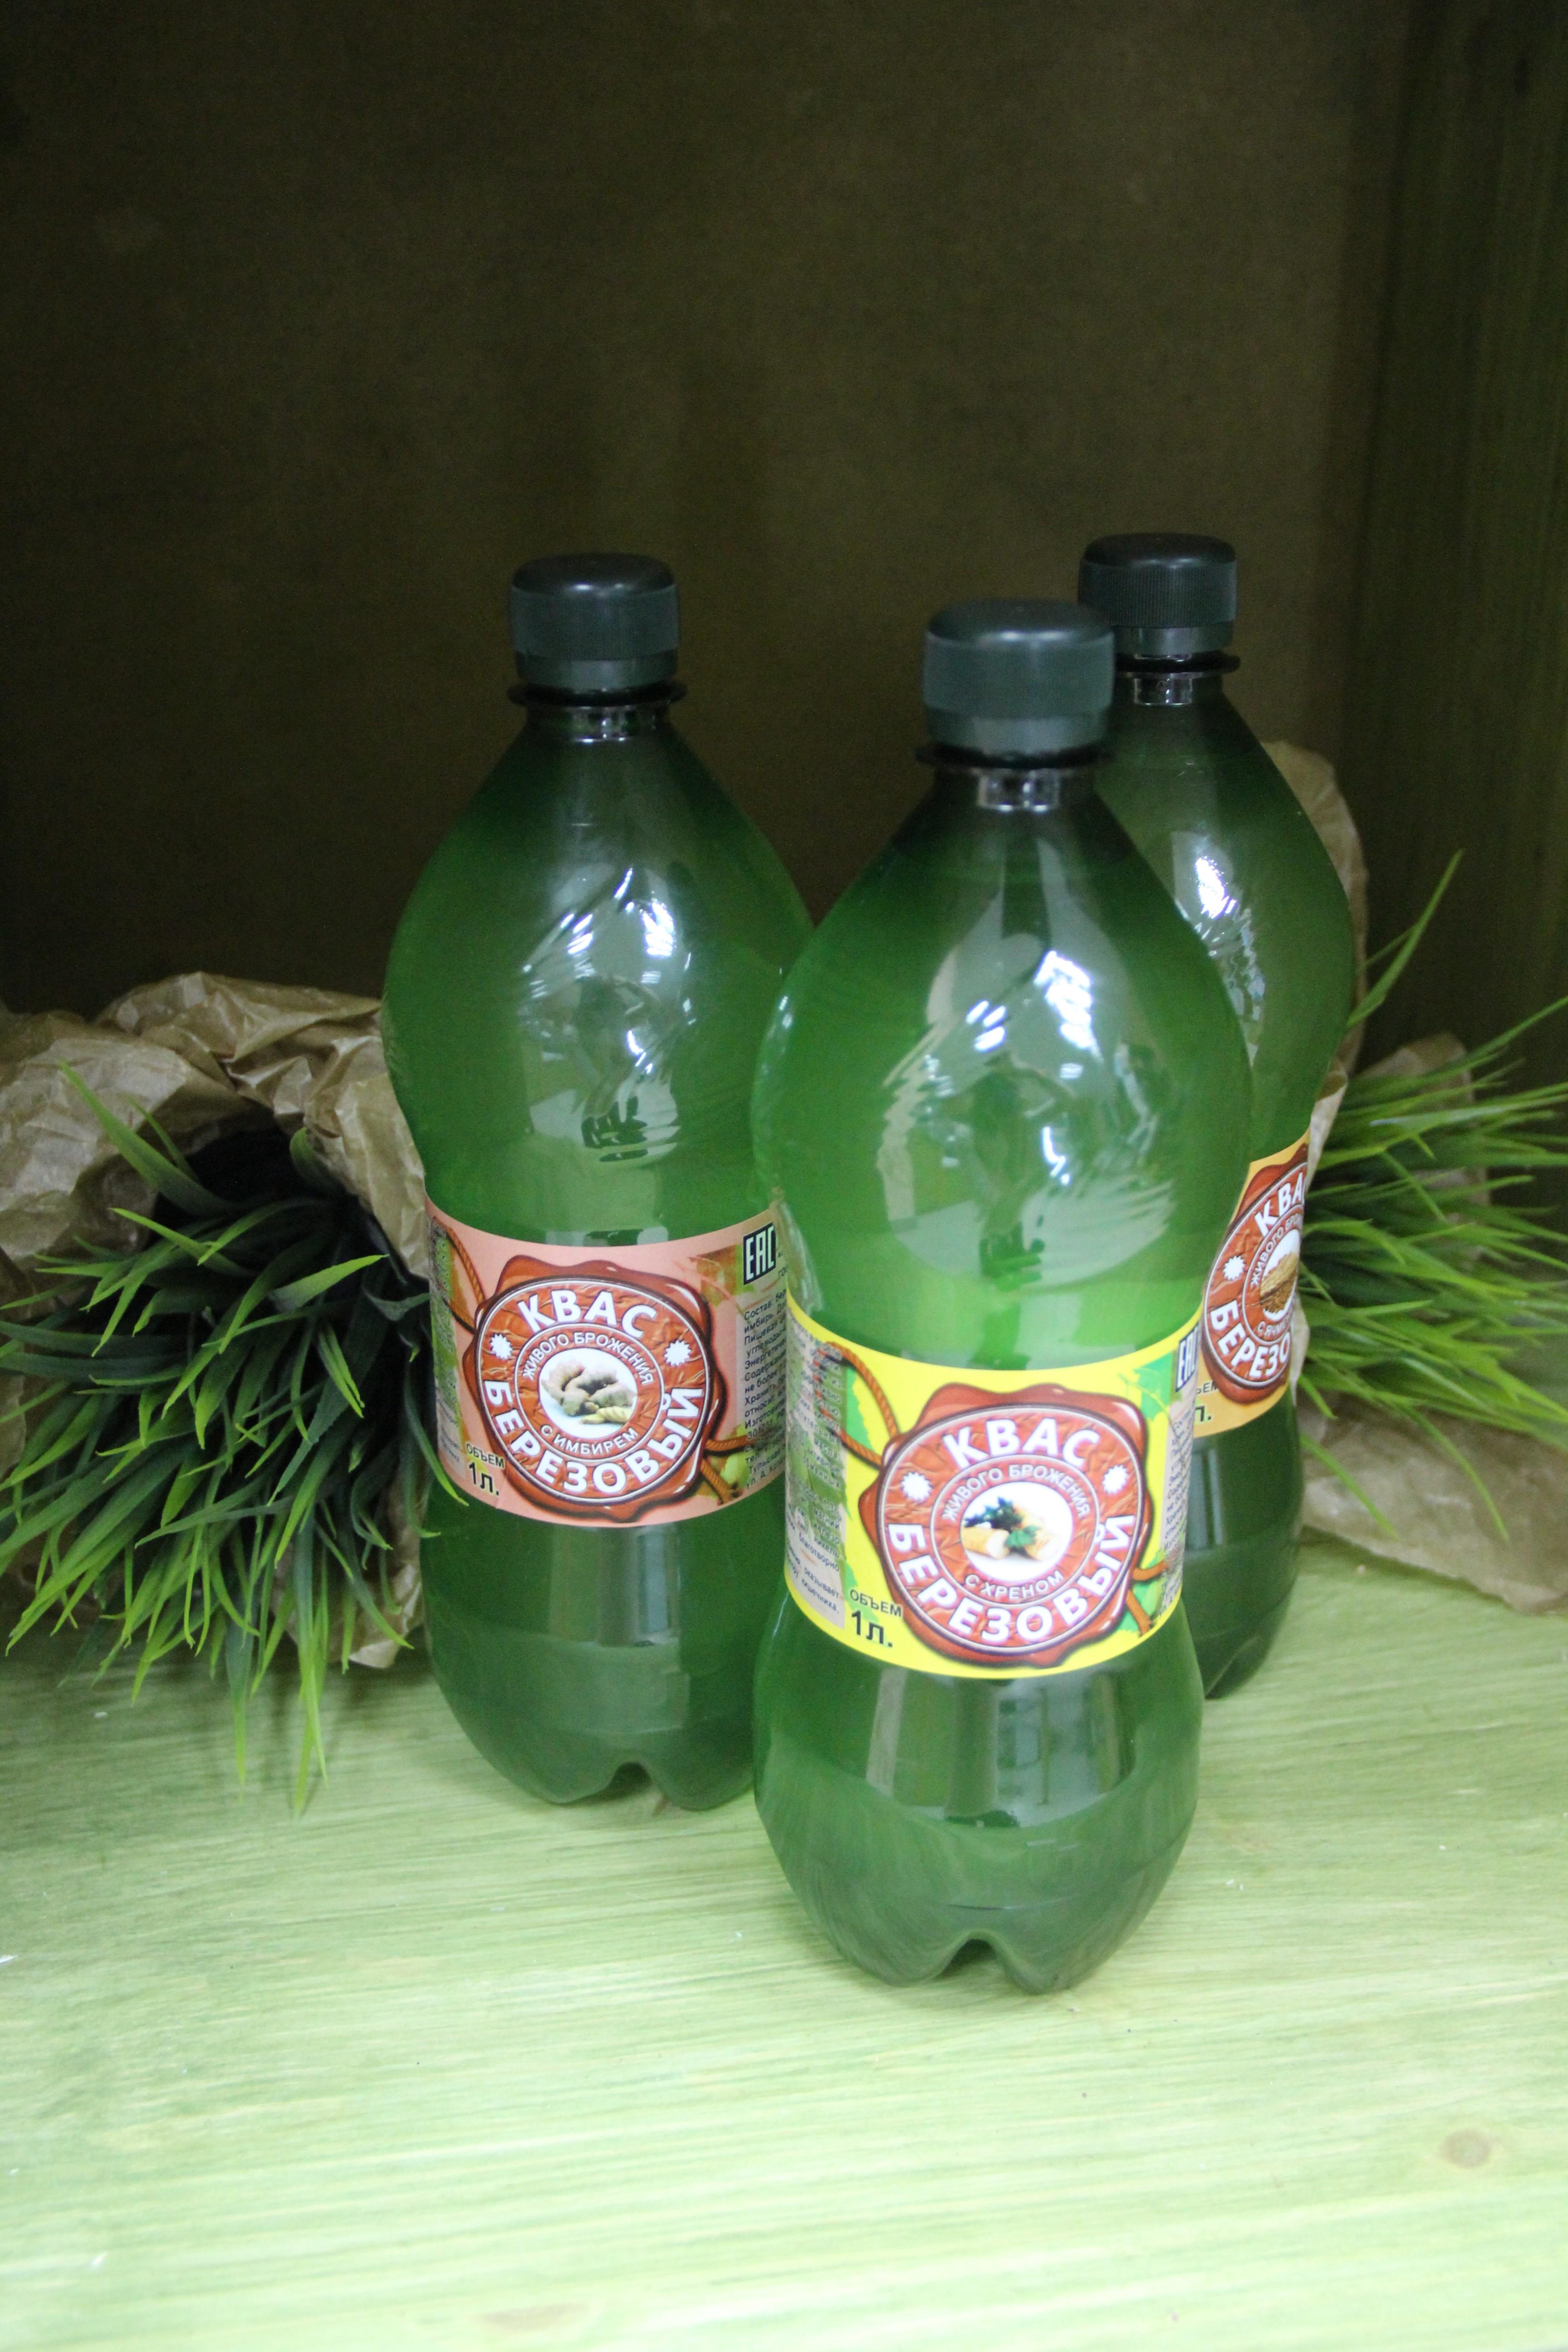 Квас против Coca-Cola: исконно русский напиток обошел в продажах зарубежную шипучку